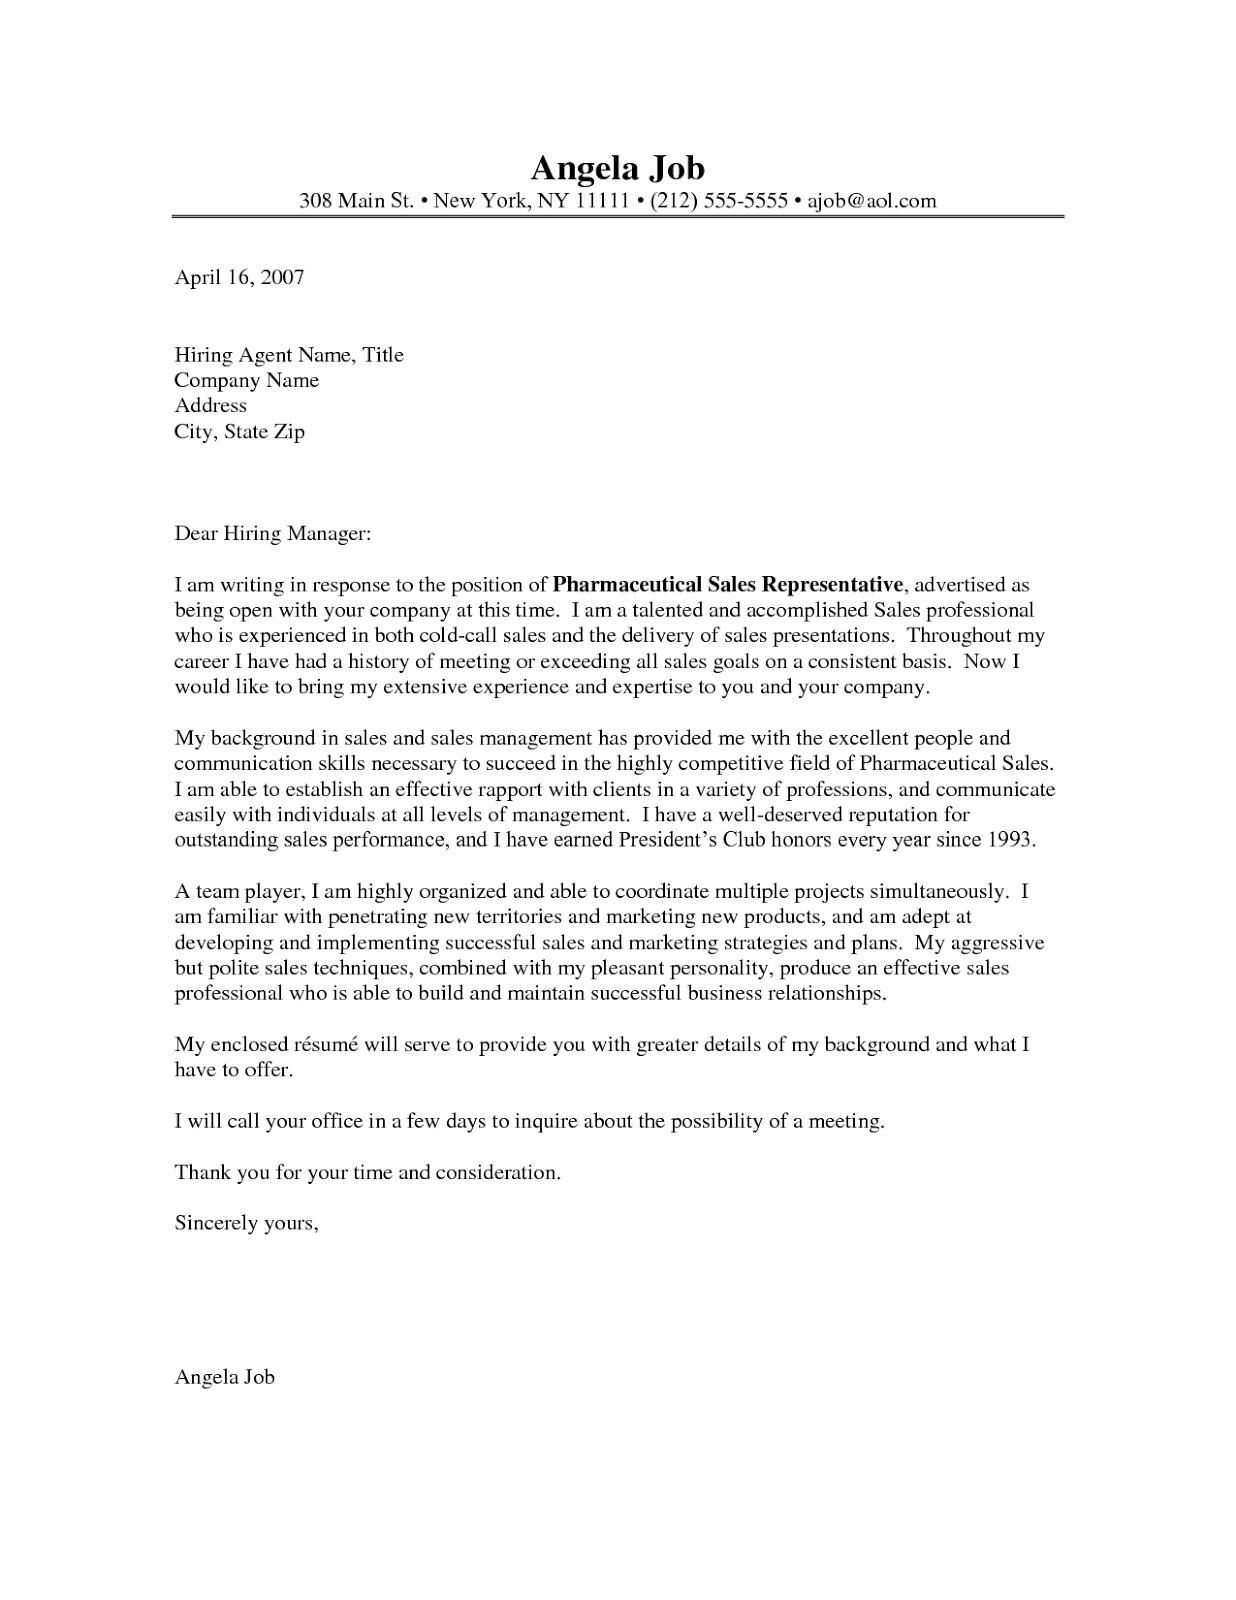 sample cover letter for resume pharmaceutical sales